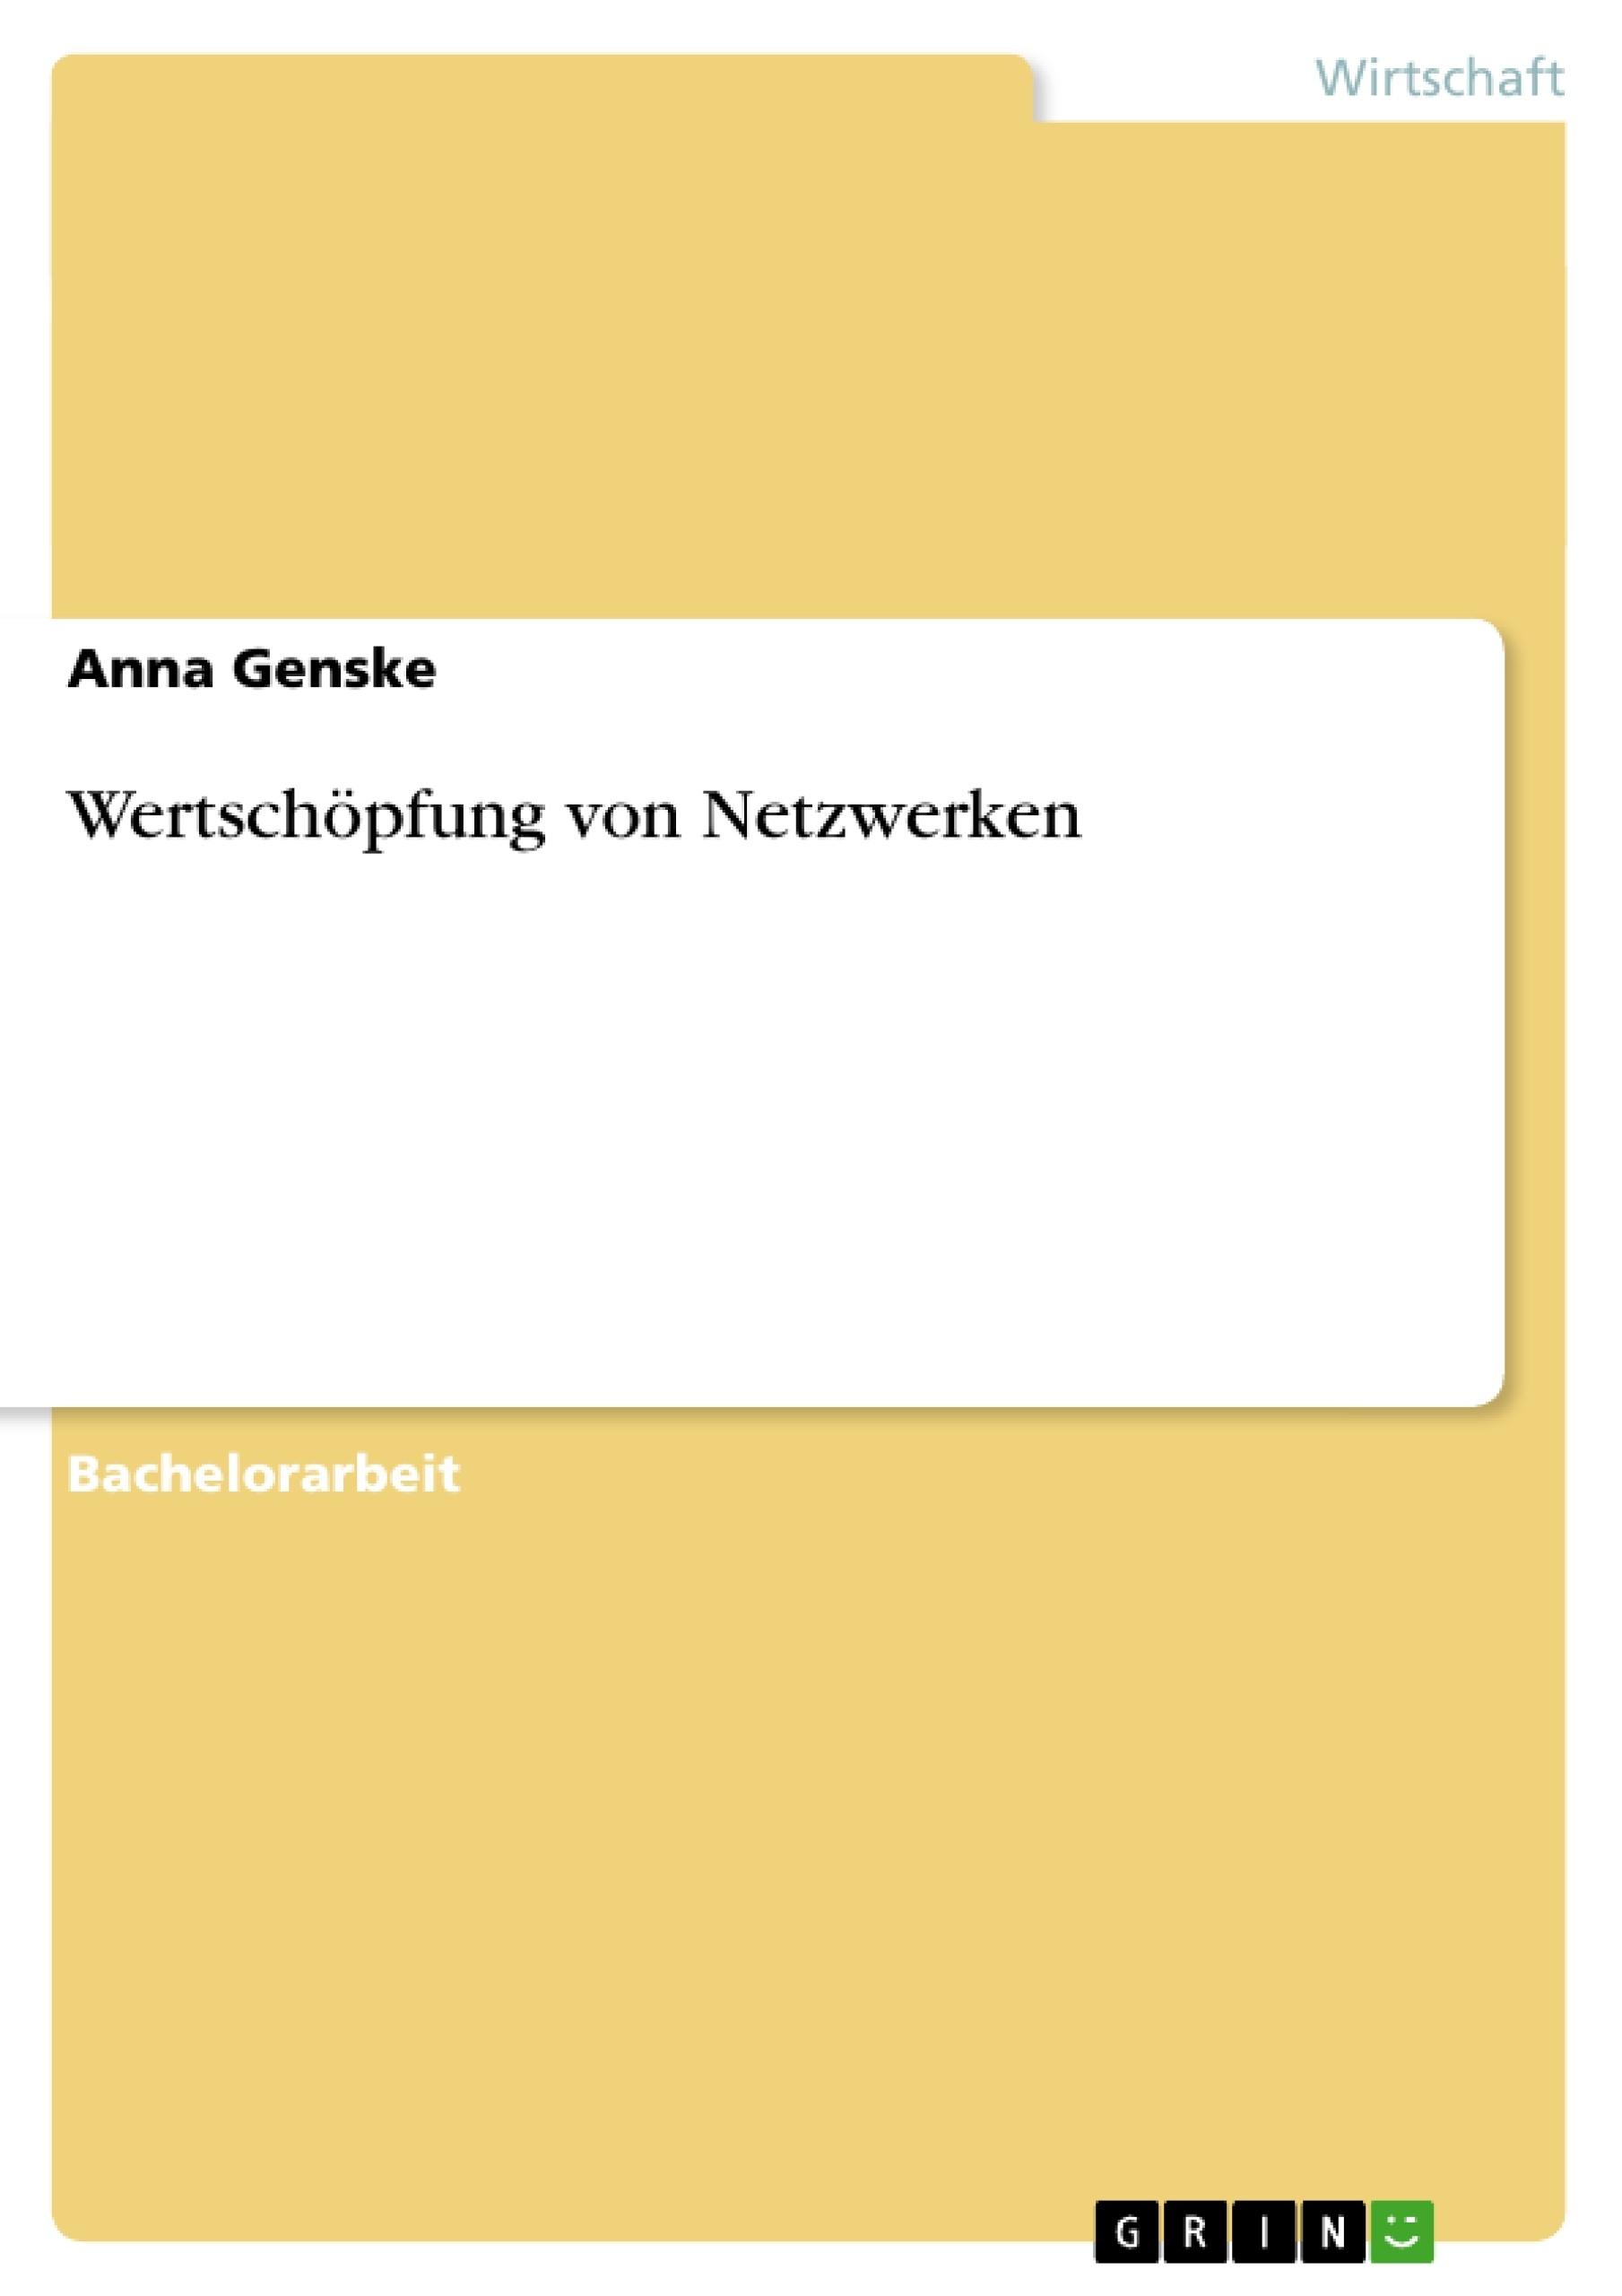 Titel: Wertschöpfung von Netzwerken